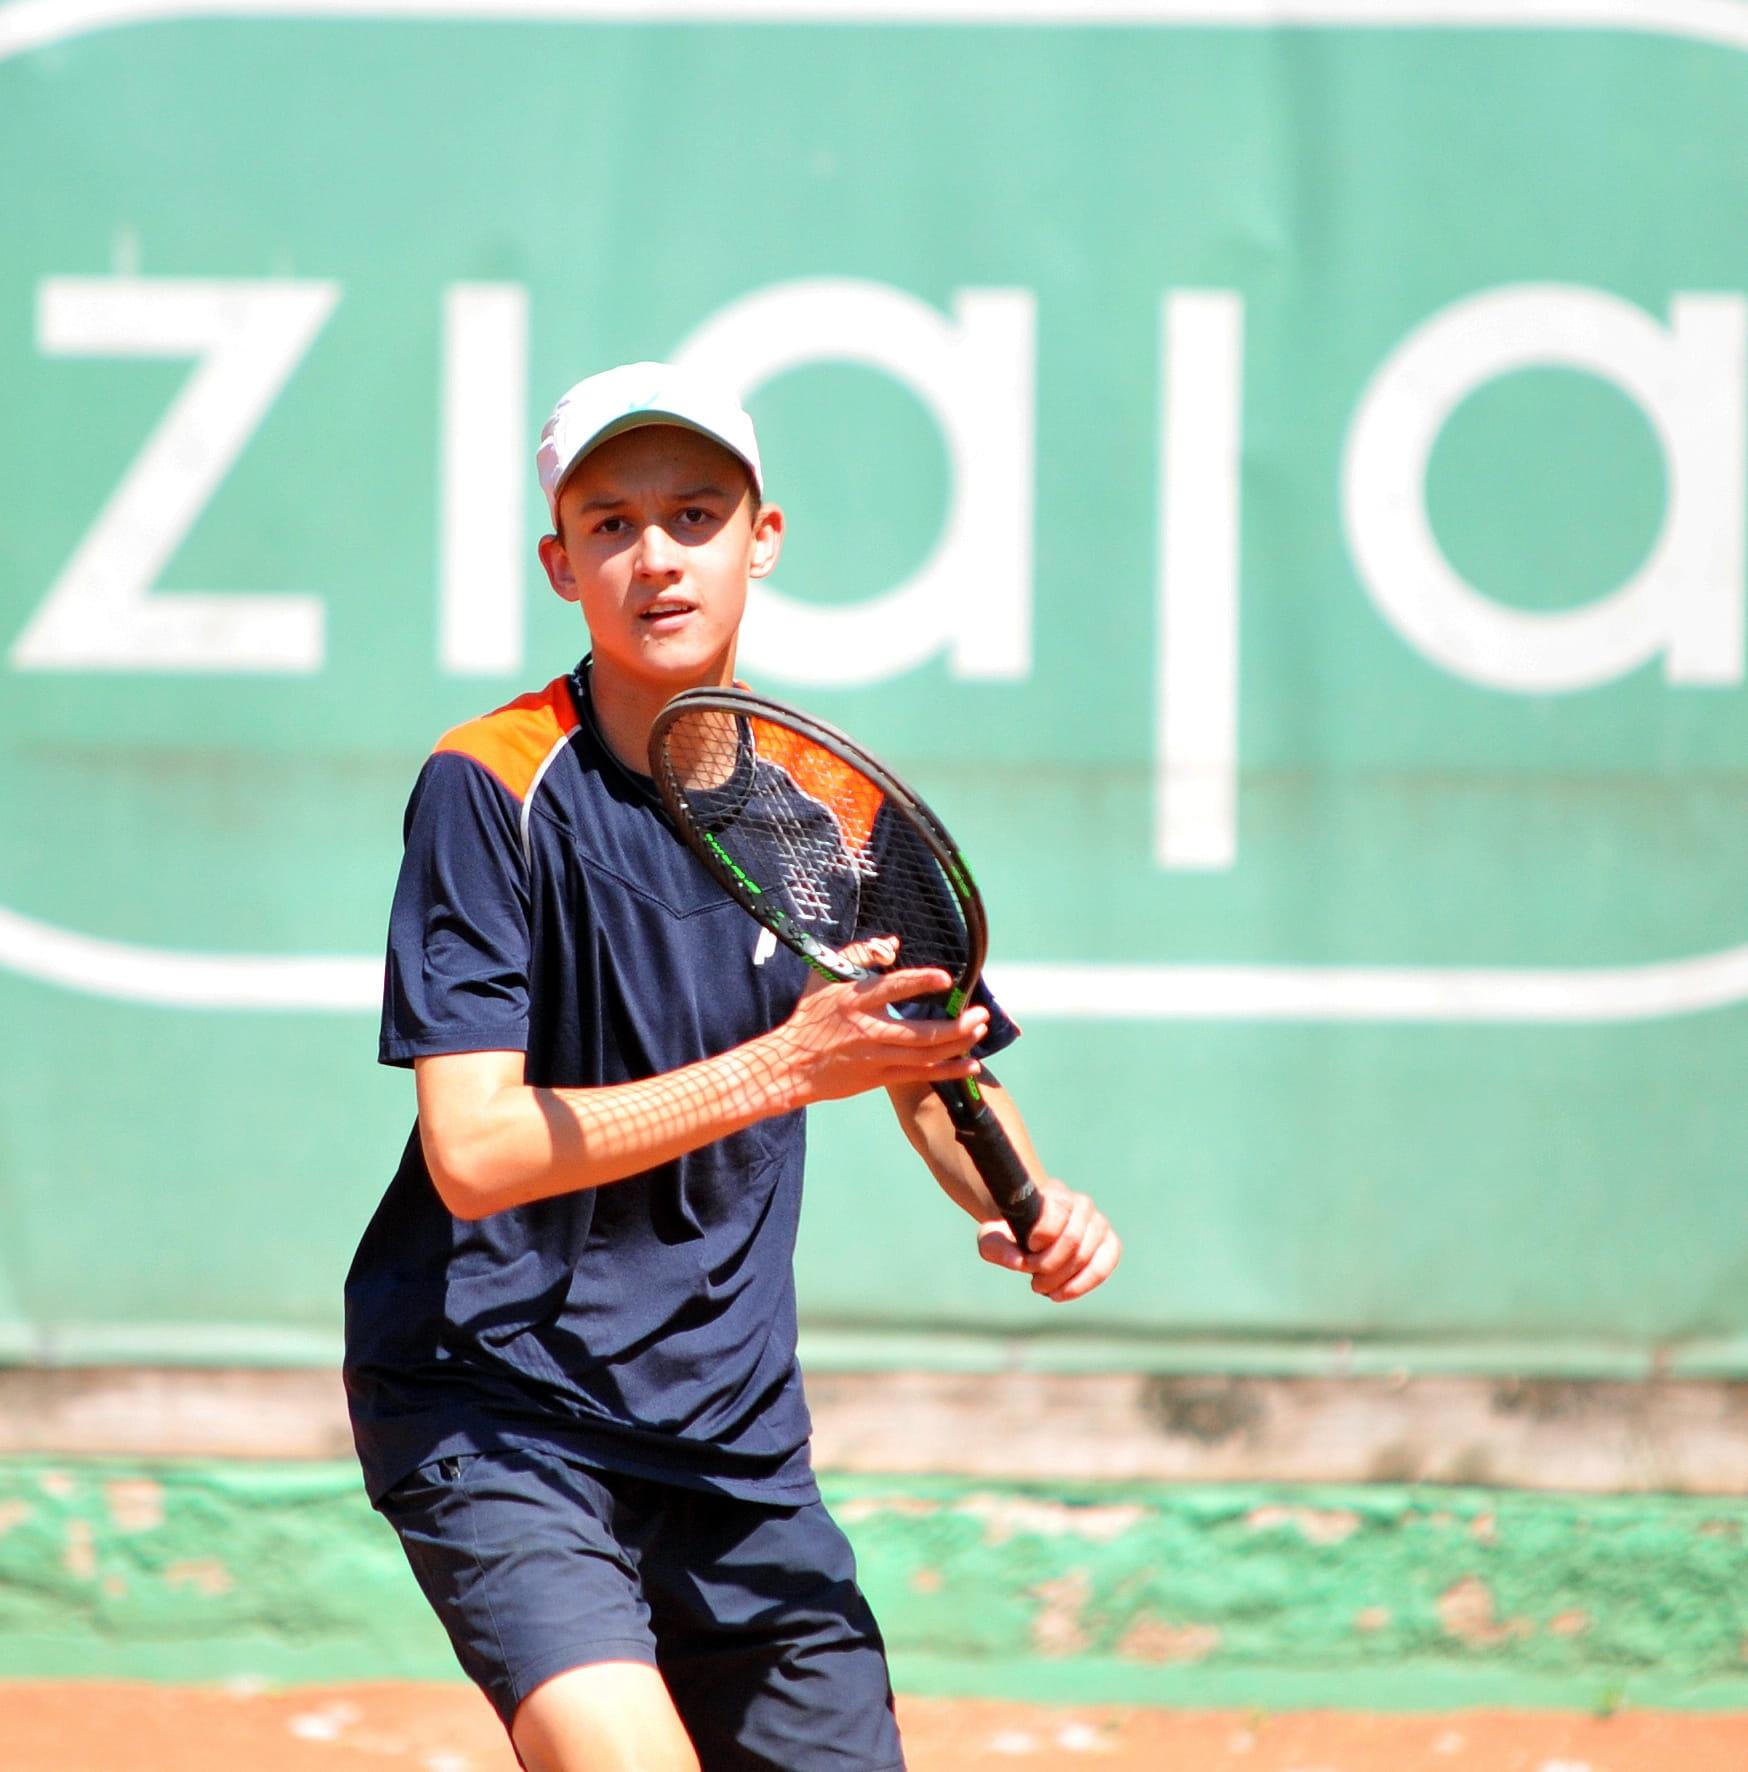 Tenis Filip Pieczonka